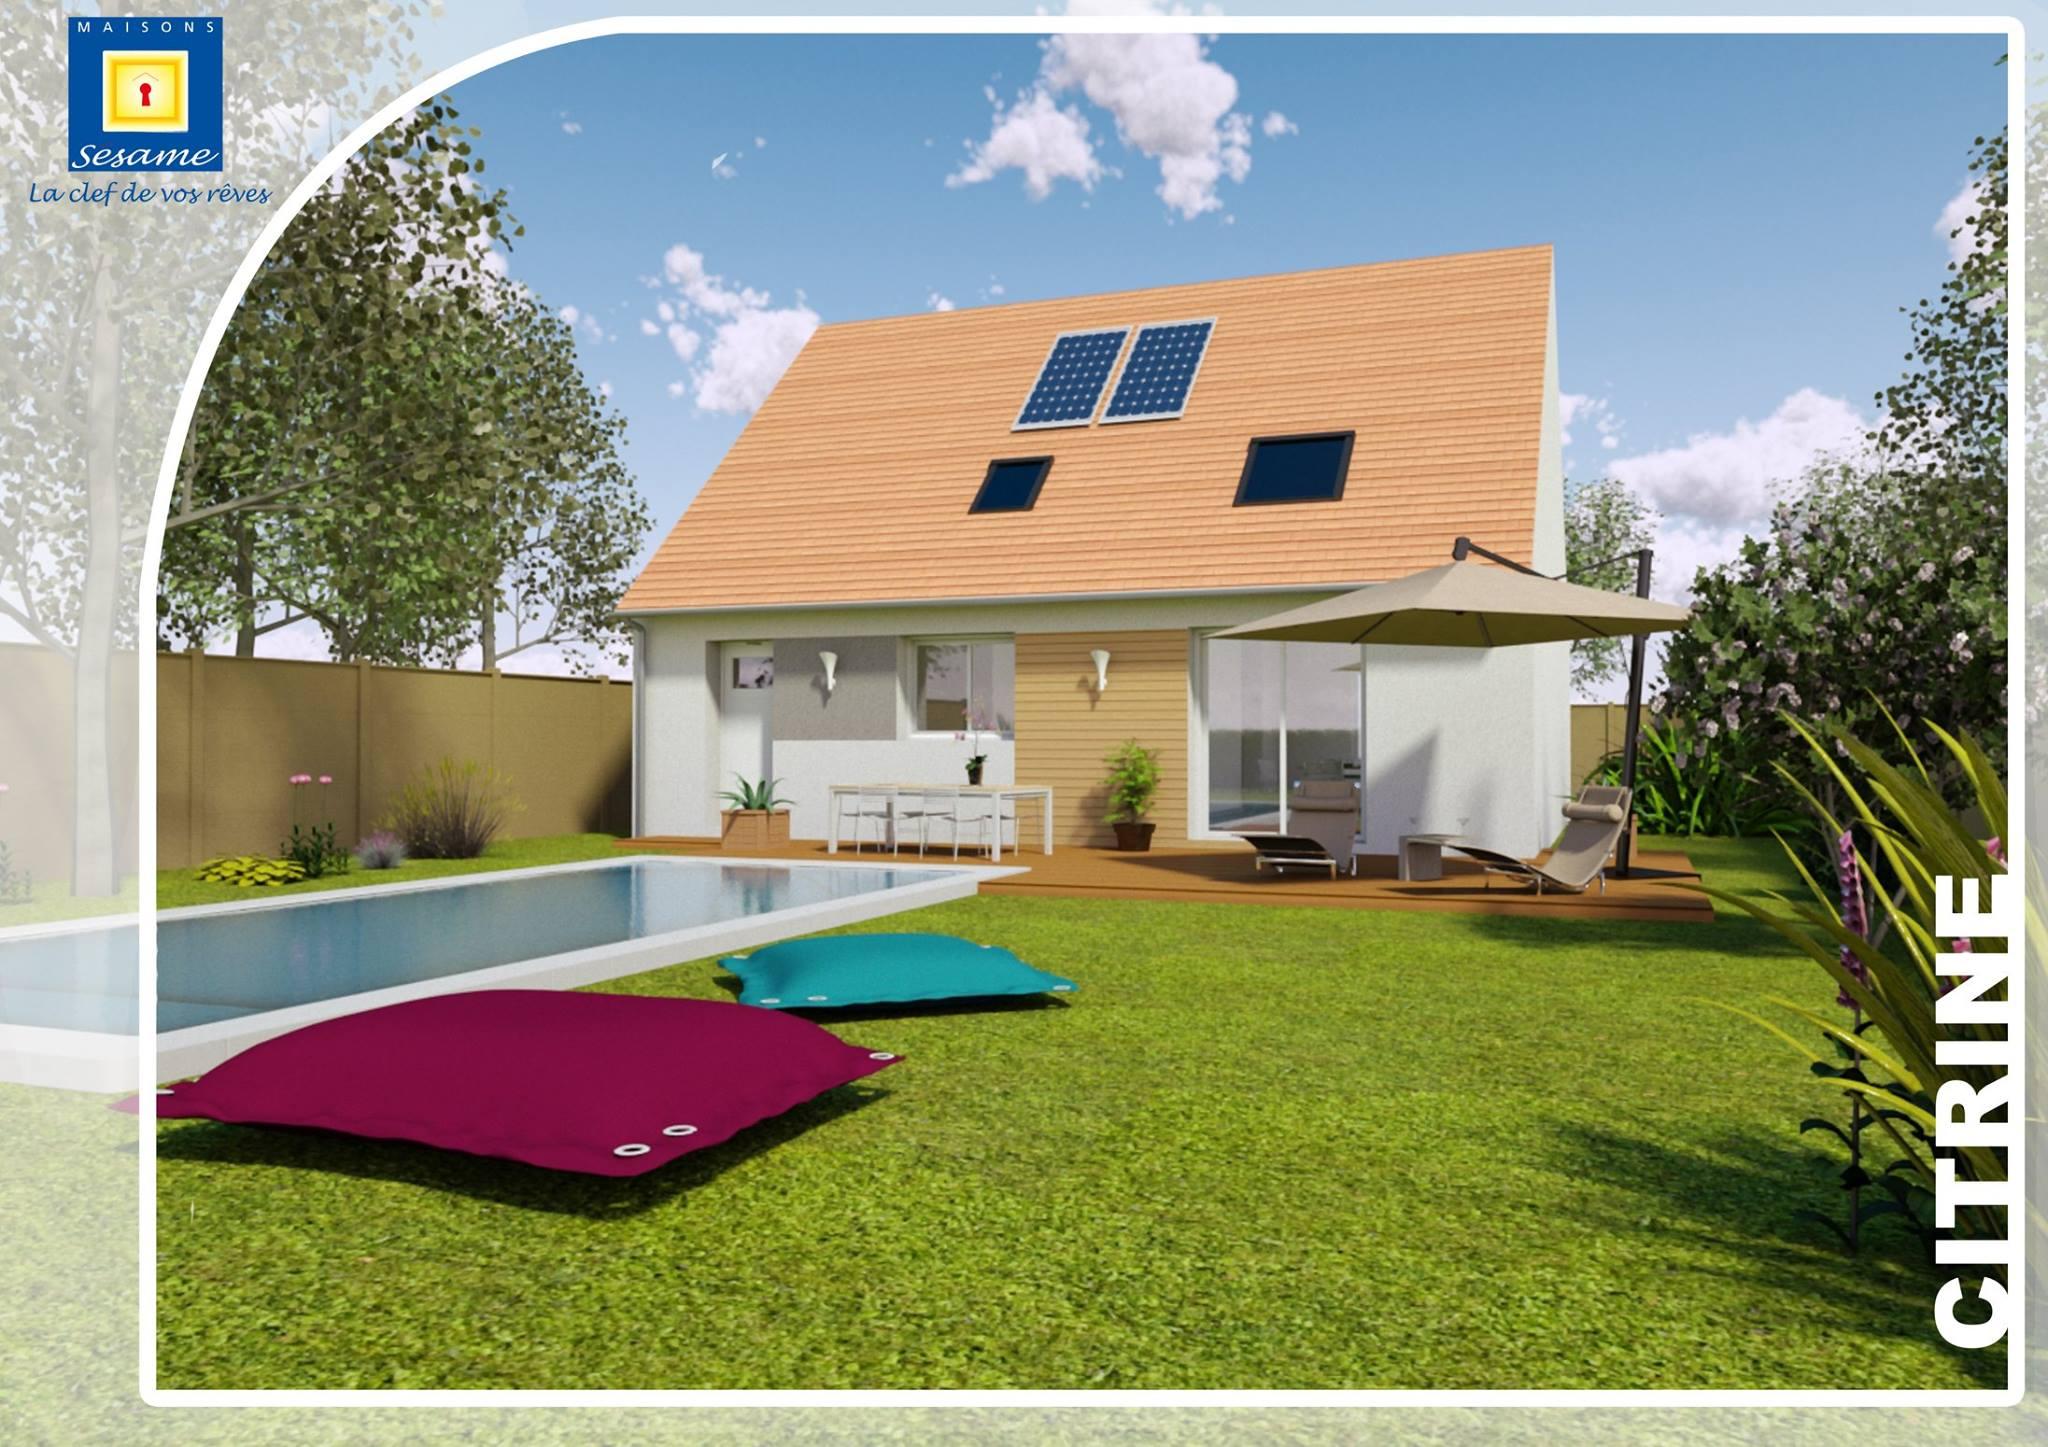 mod le et plans citrine du constructeur maisons sesame. Black Bedroom Furniture Sets. Home Design Ideas